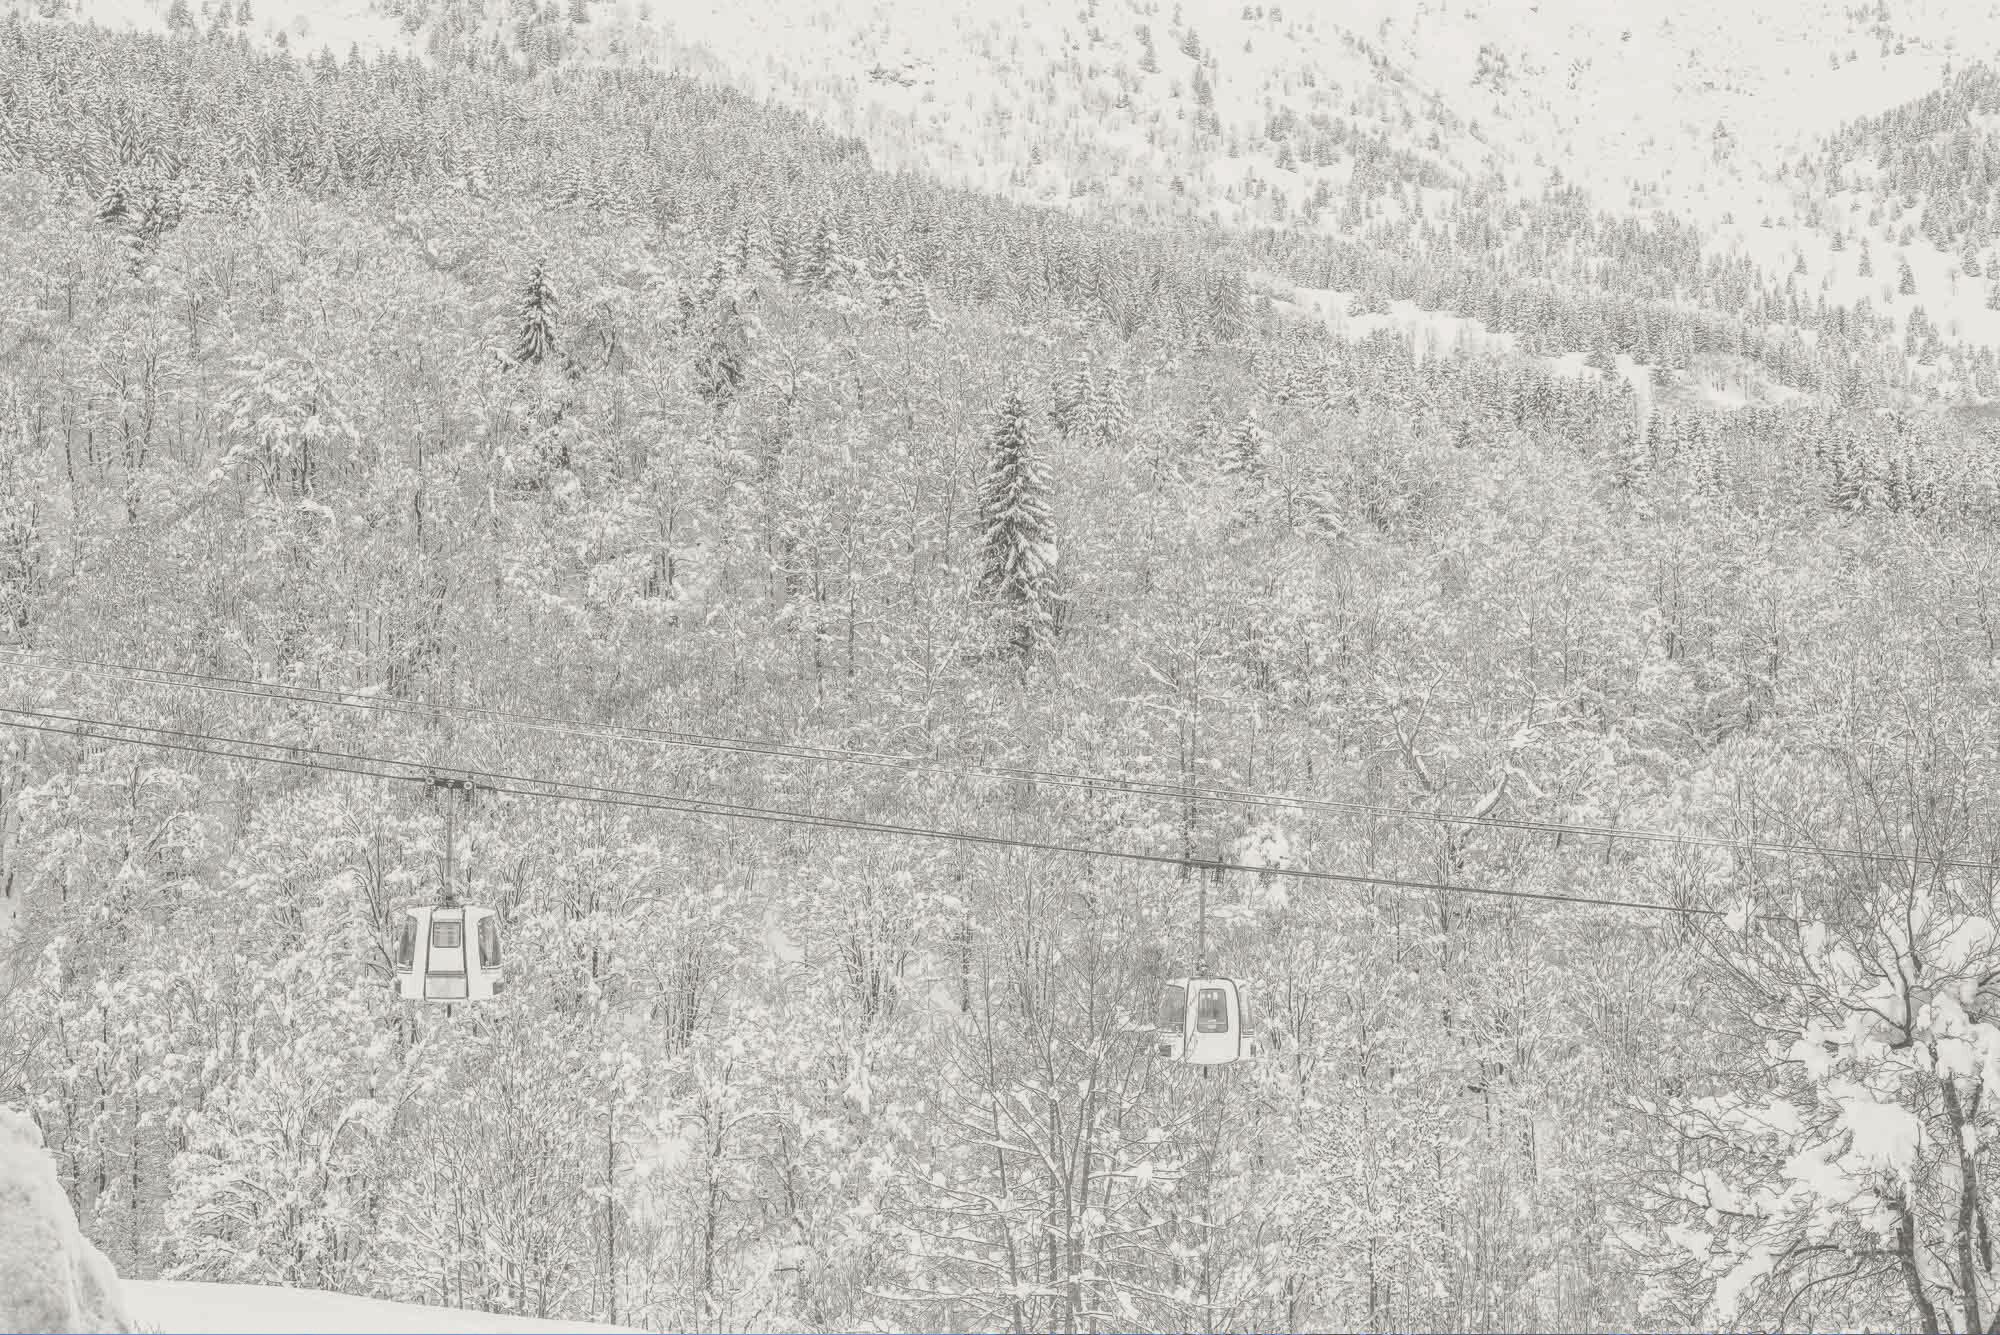 ski-chalet-holiday-meribel-resort-lifestyle.jpg